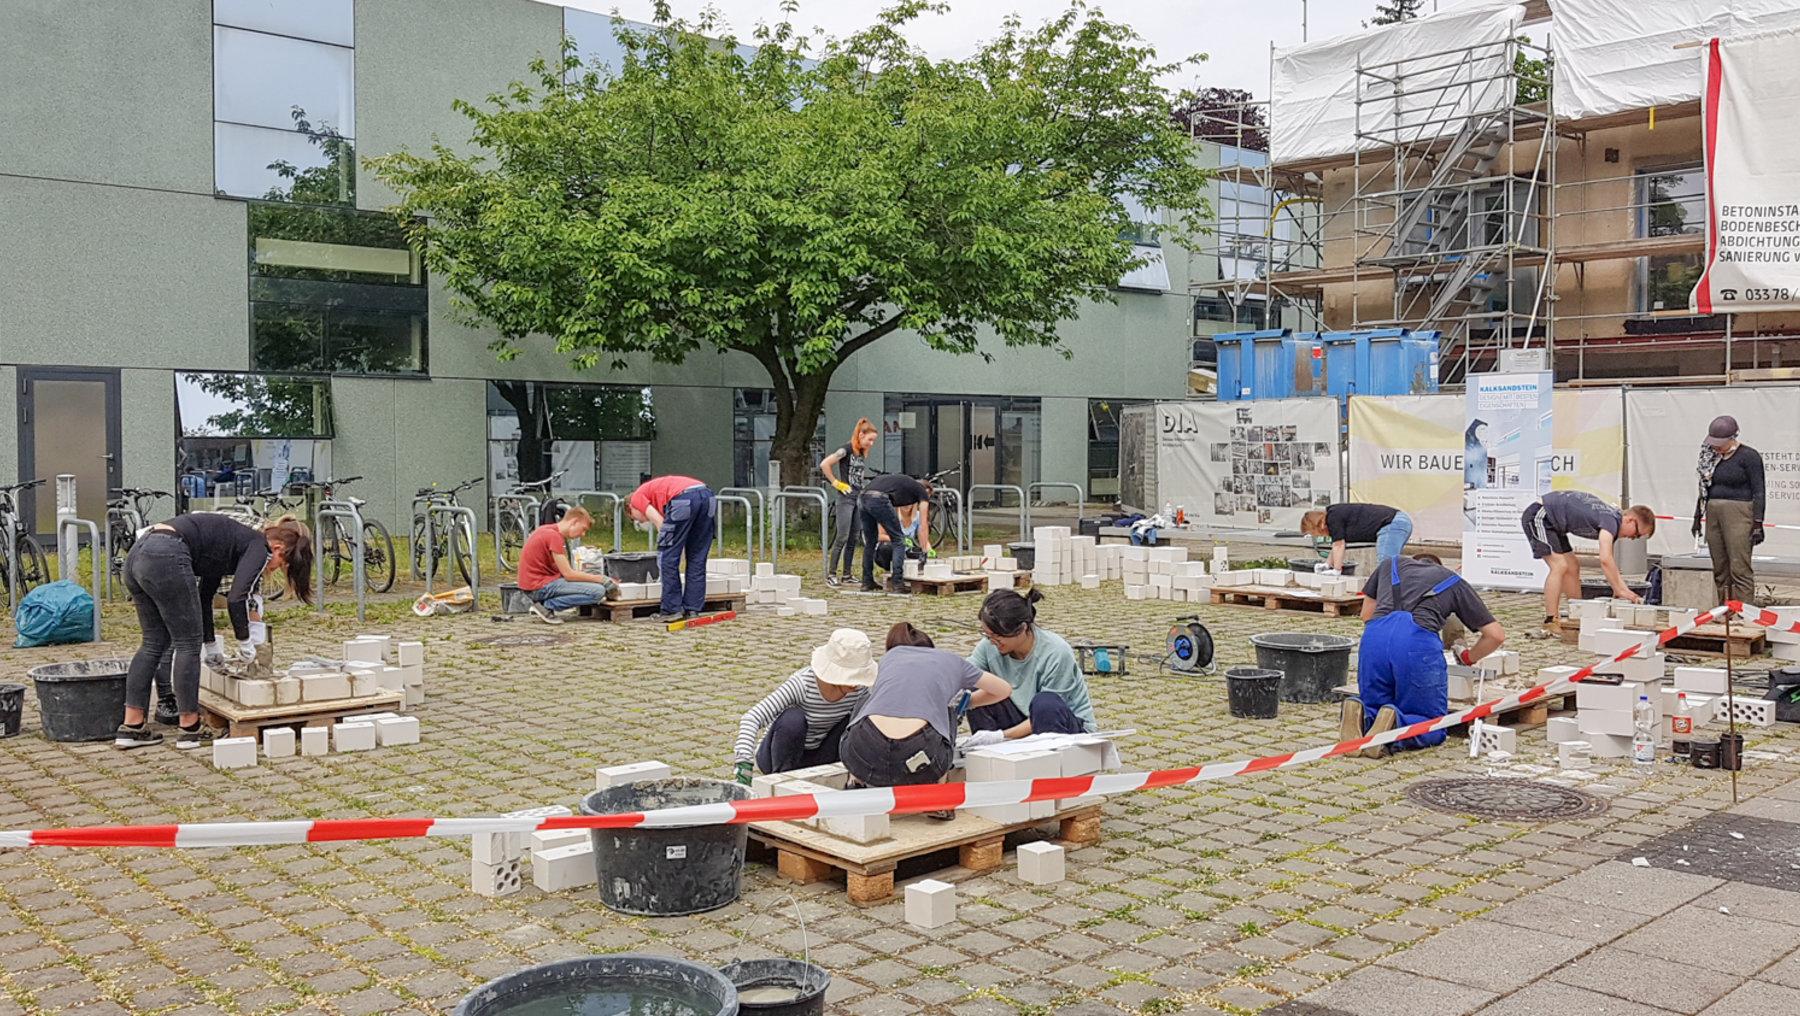 WPM Mauerwerksbau Workshop